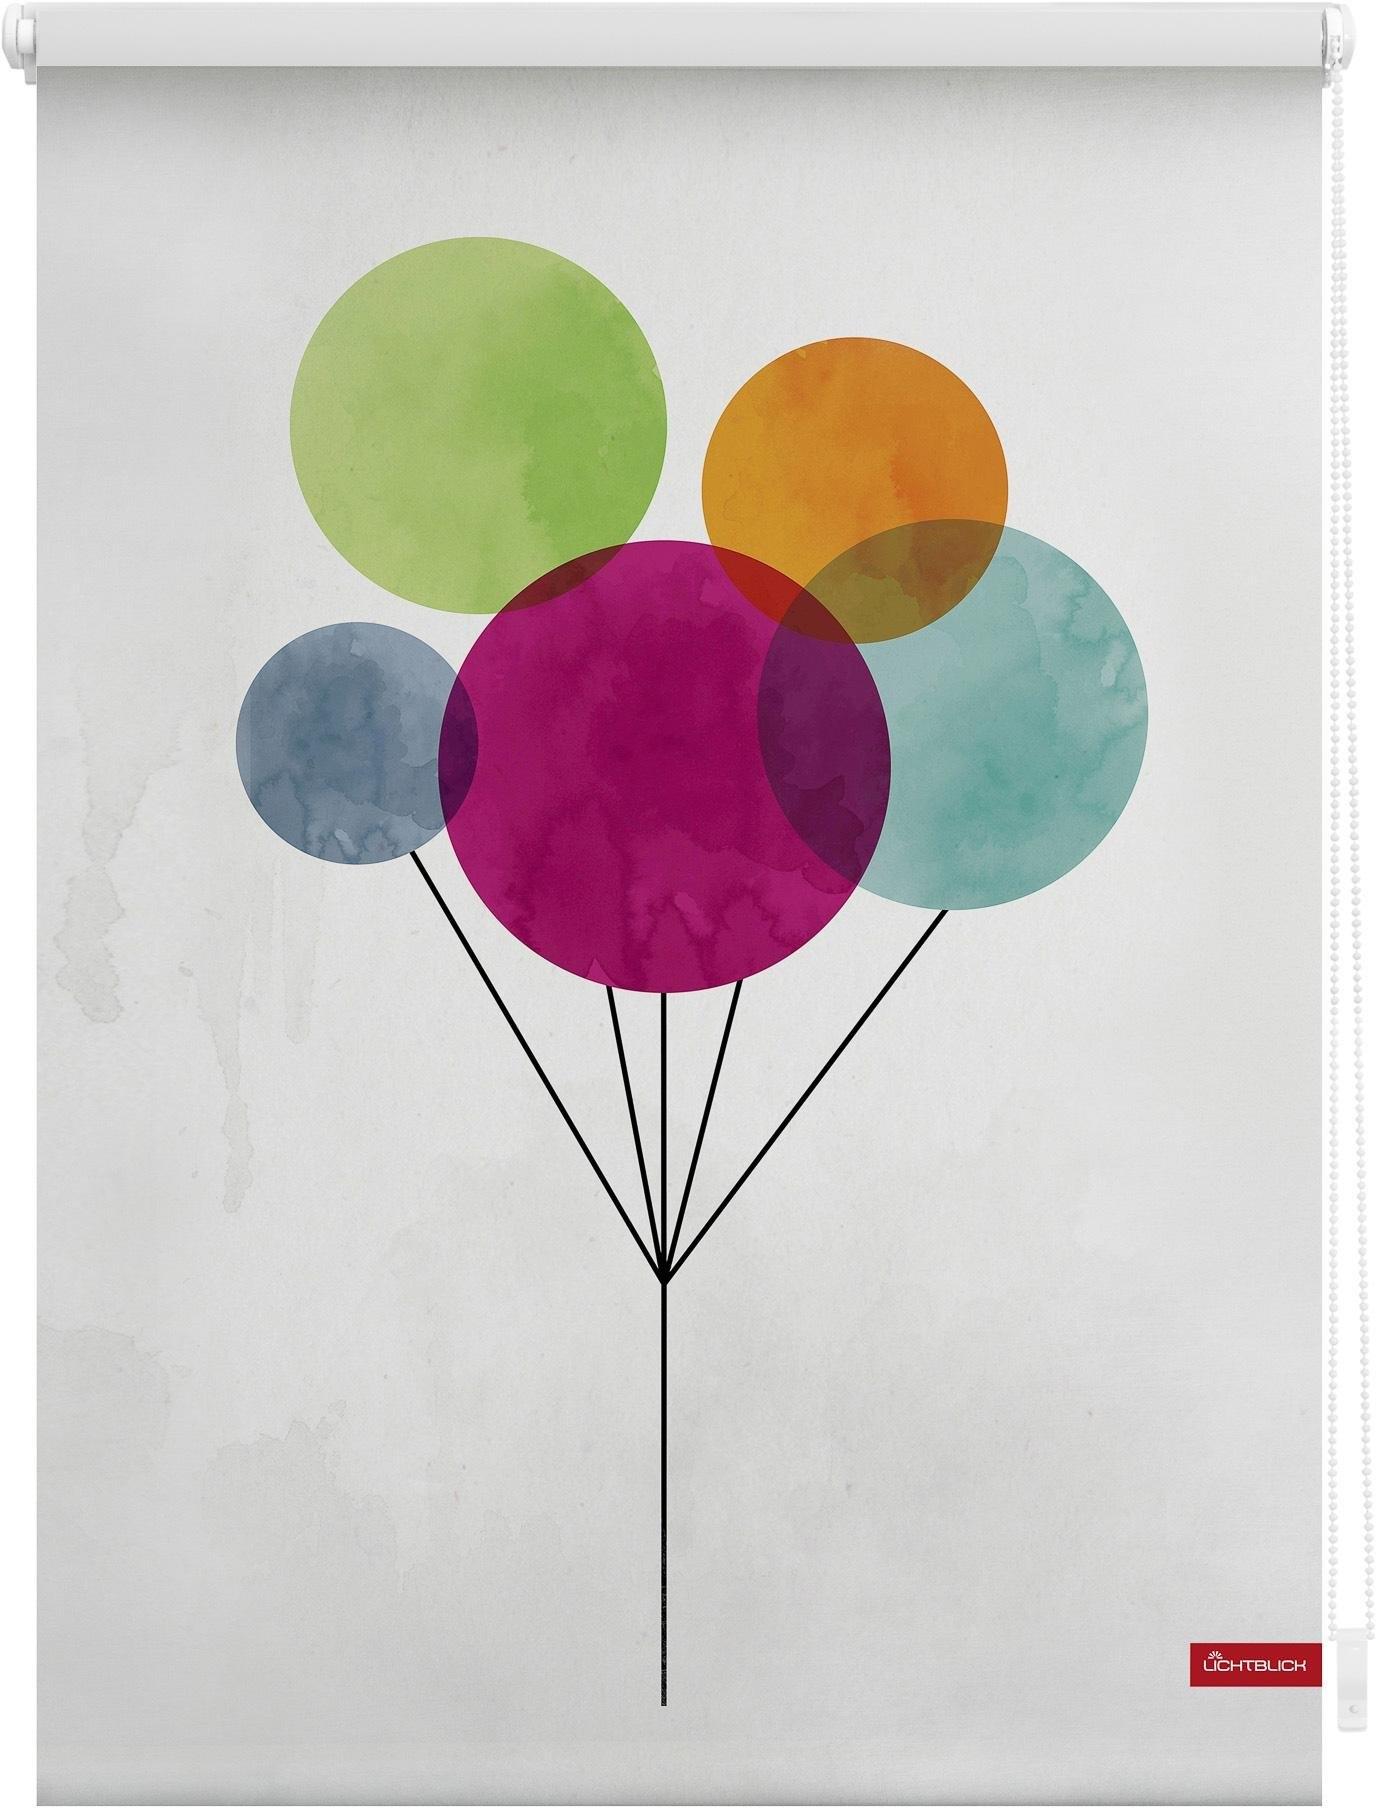 Lichtblick Rolgordijn met zijbediening, »Klemmfix decor ballon«, lichtwerend, standaardmaat - verschillende betaalmethodes